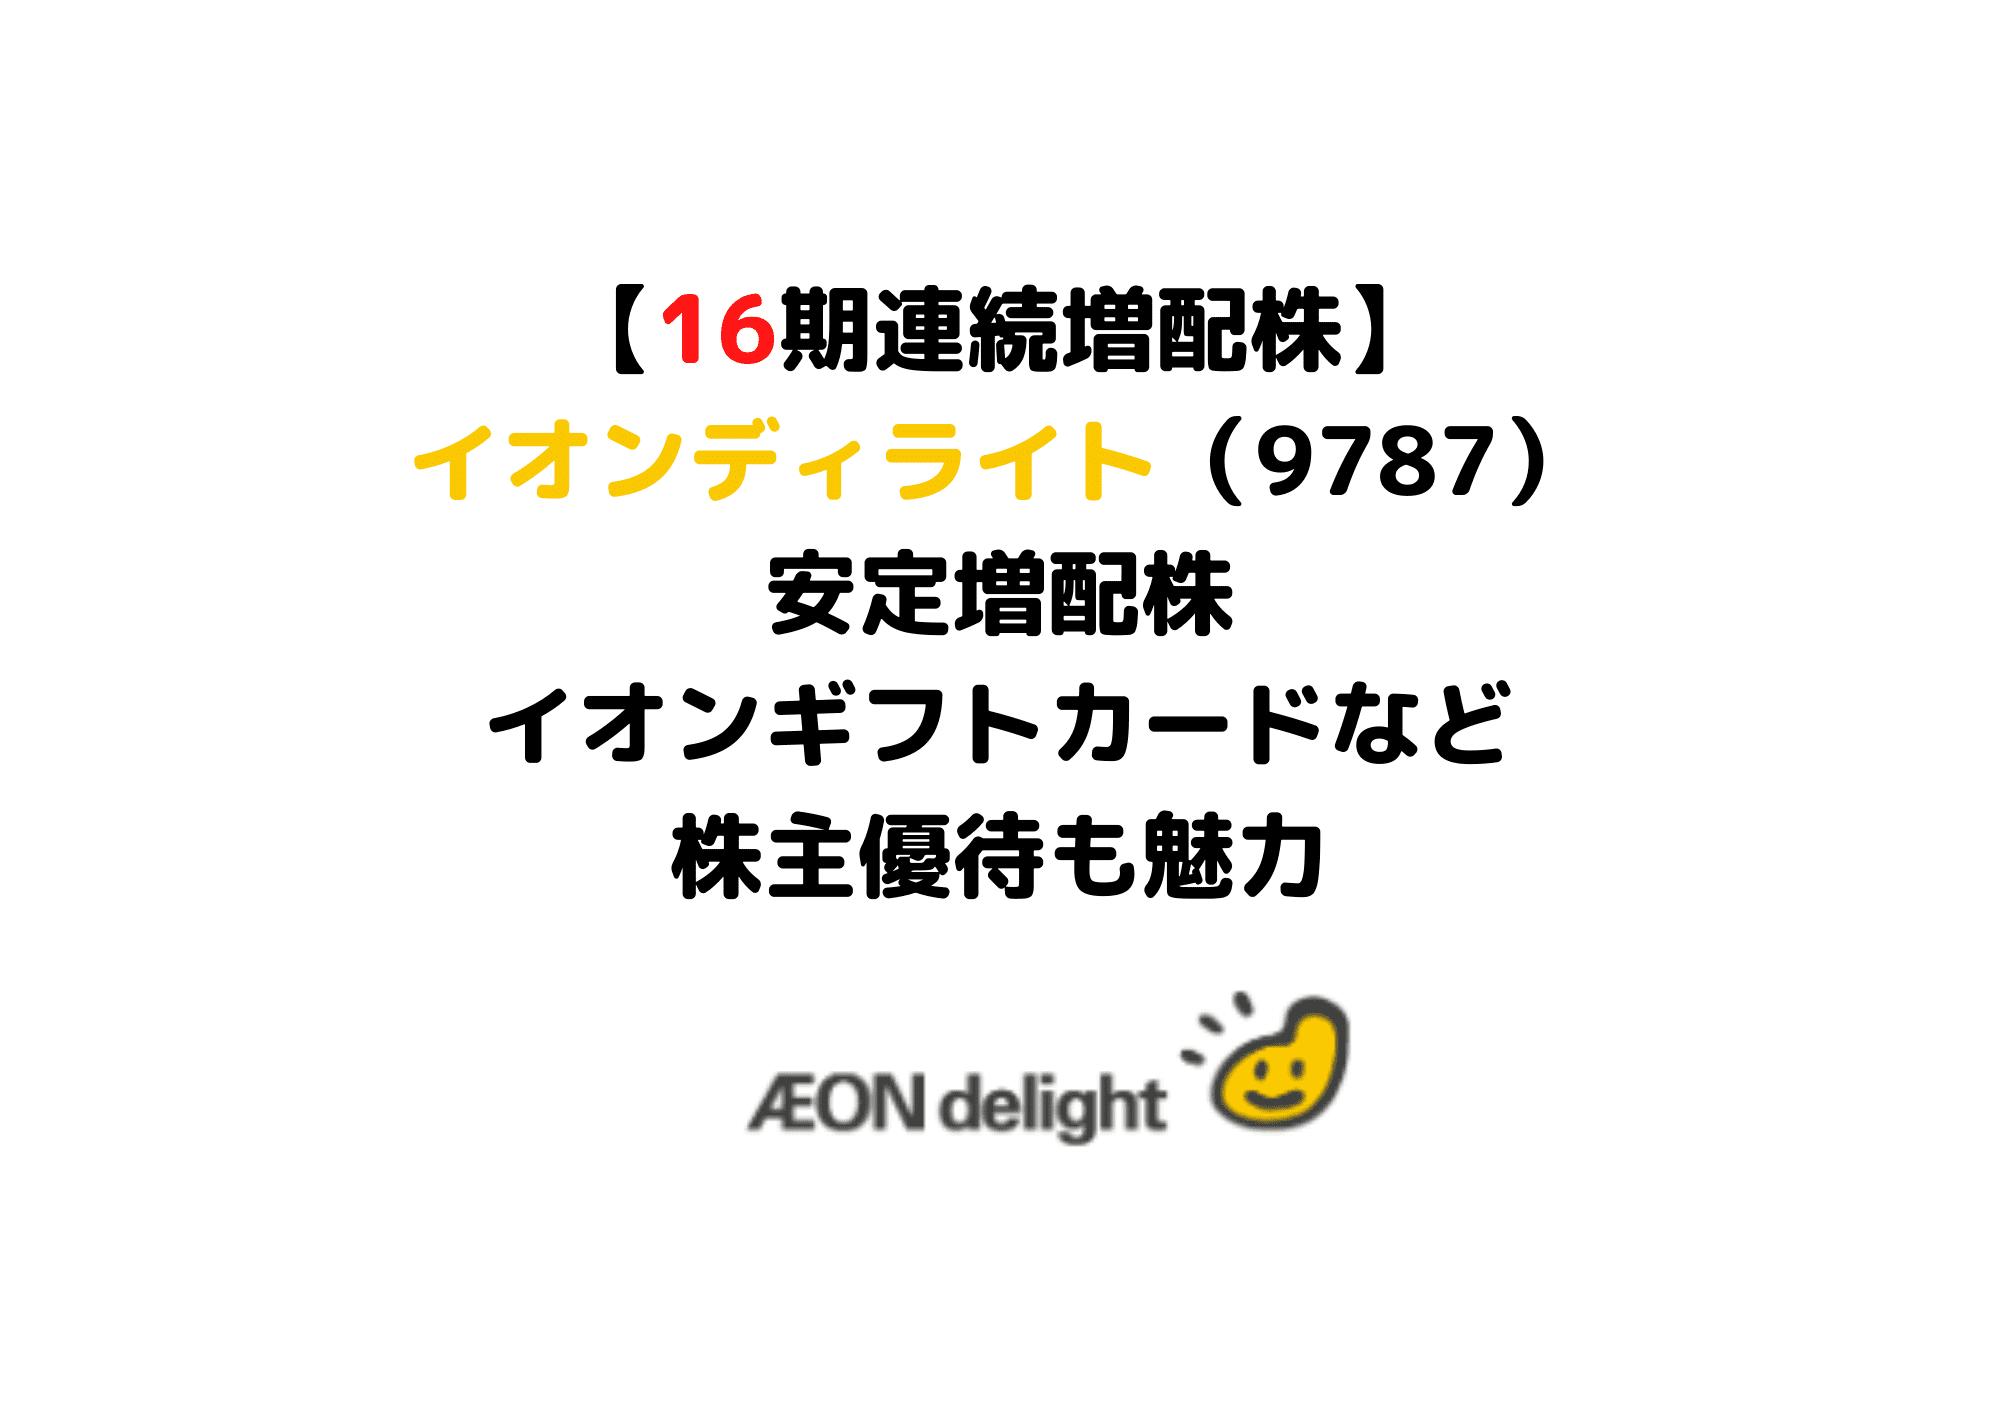 9787 イオンディライト (1)